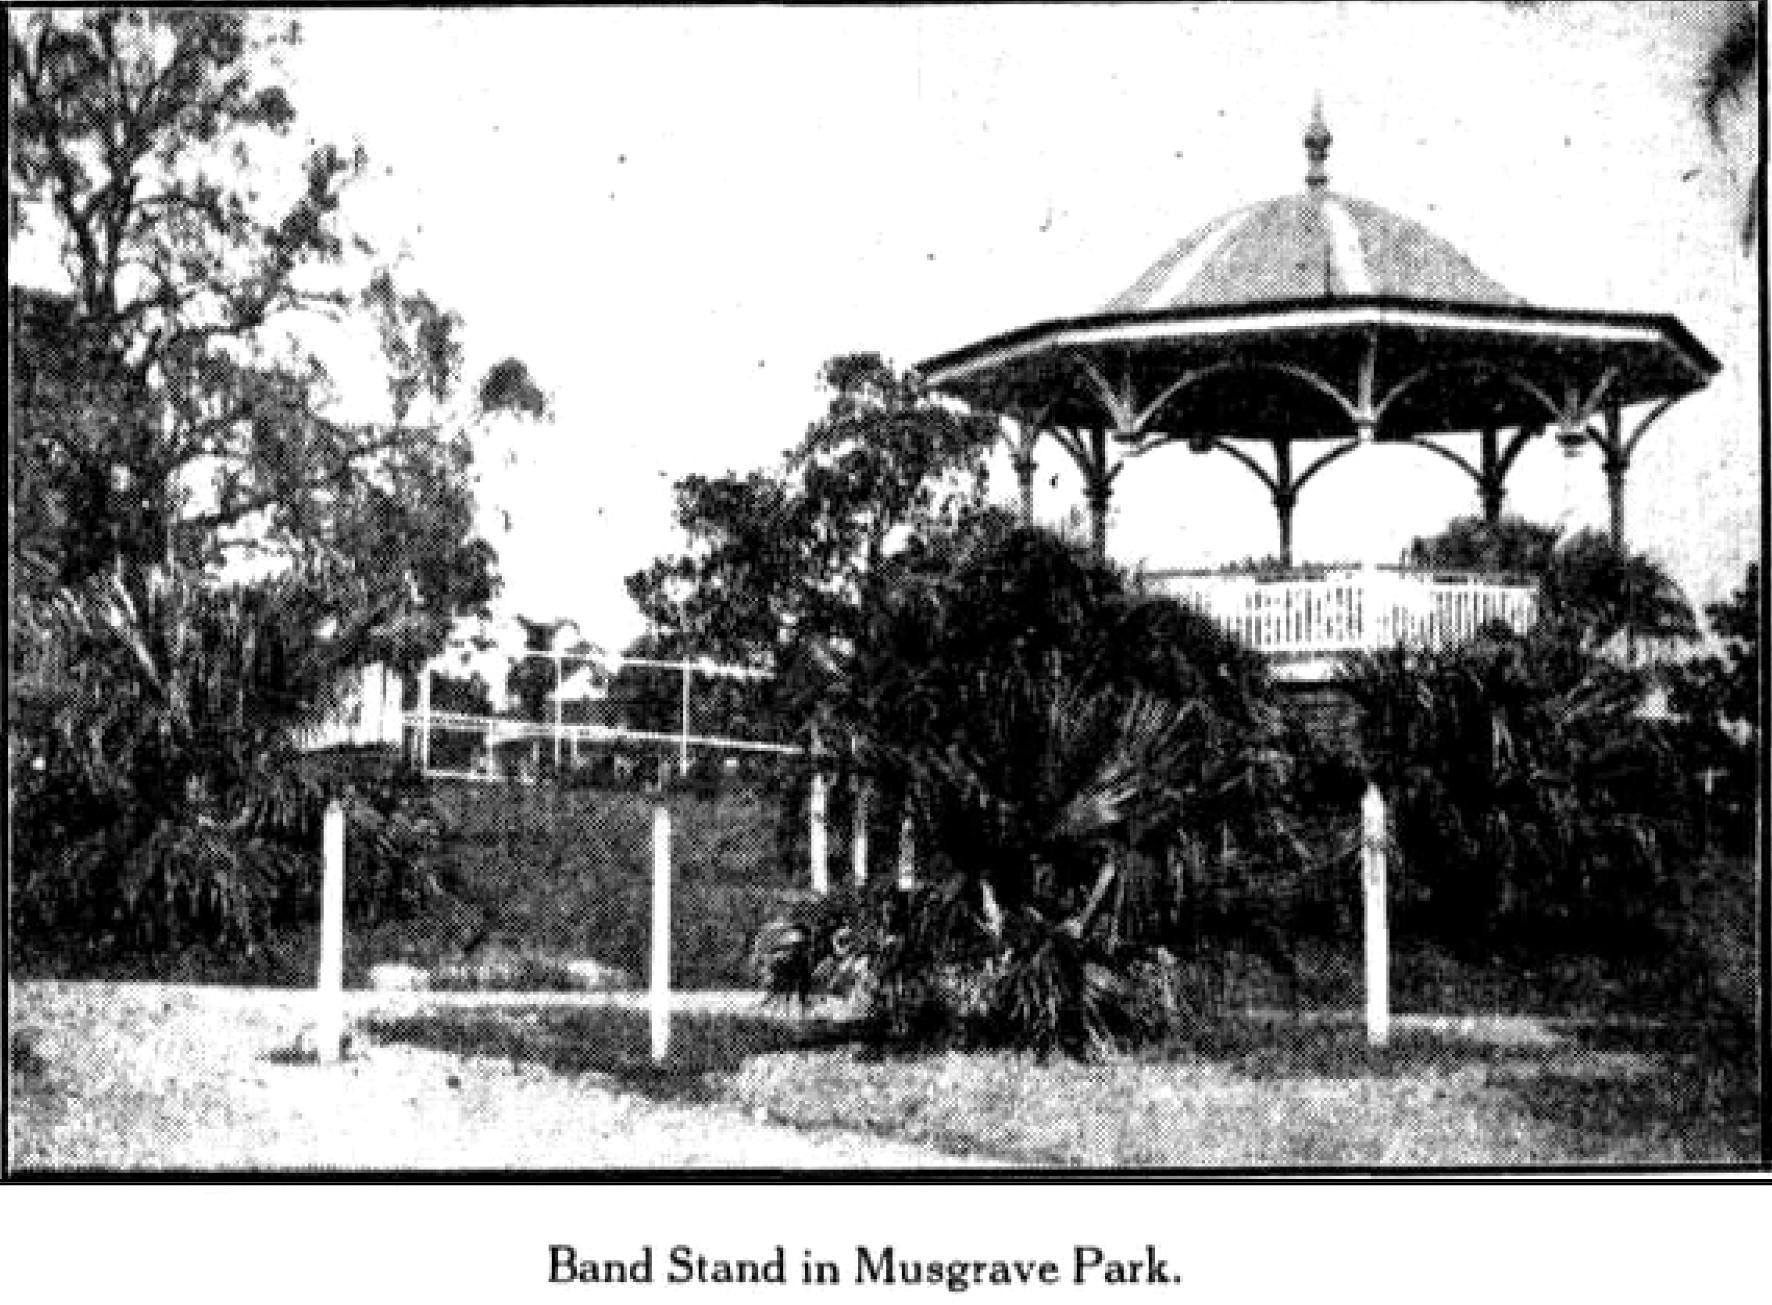 Telegraph (Brisbane, Qld. : 1872 - 1947), Friday 9 May 1930, pag